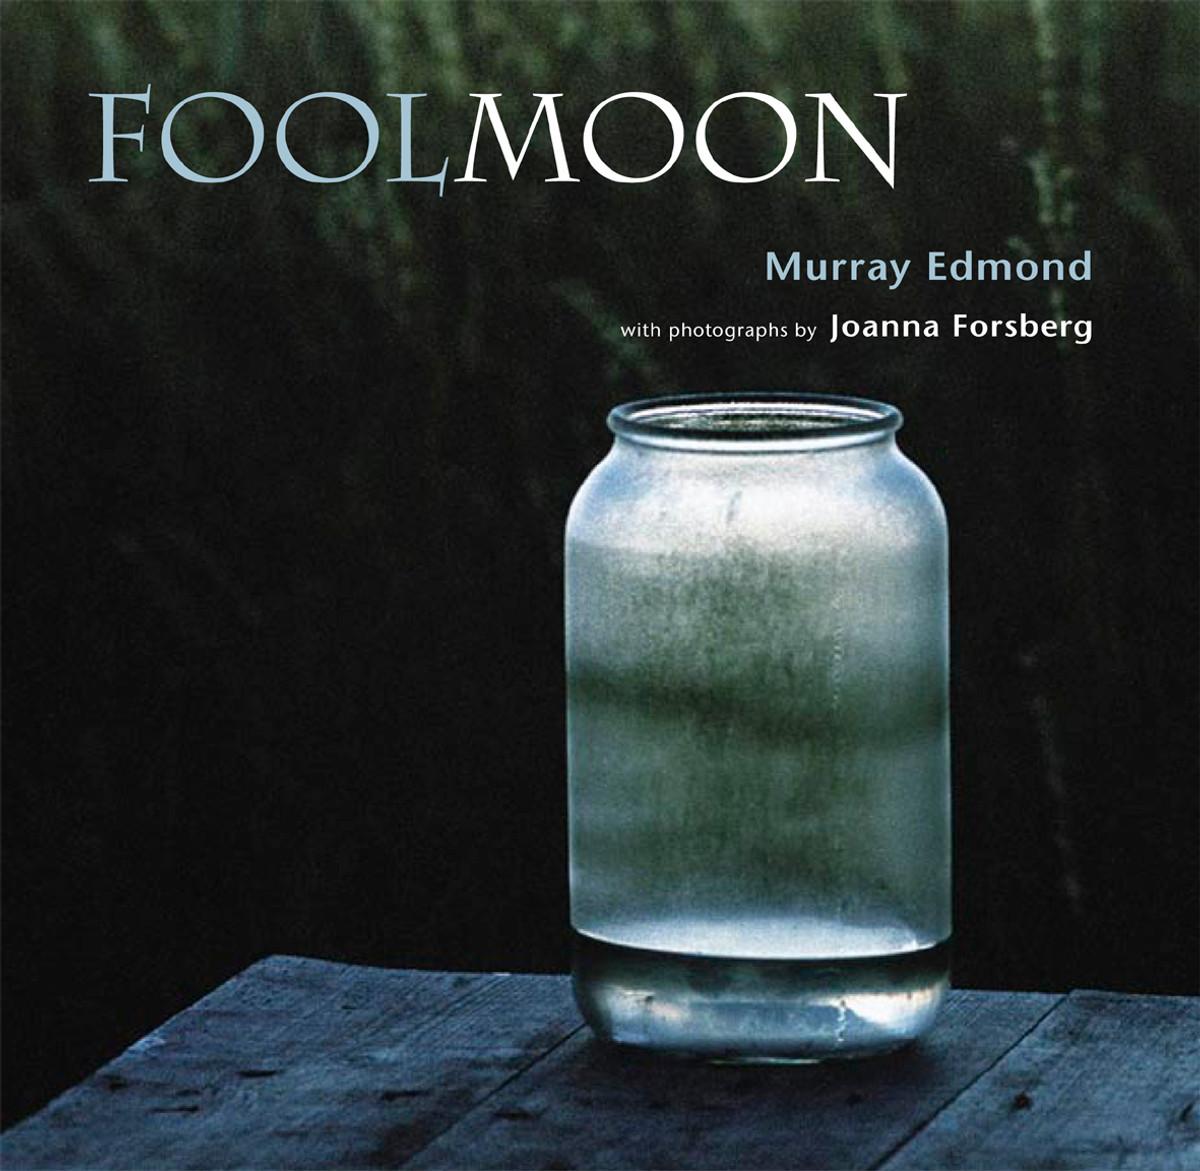 Fool Moon by Murray Edmond, photographs by Joanna Forsberg